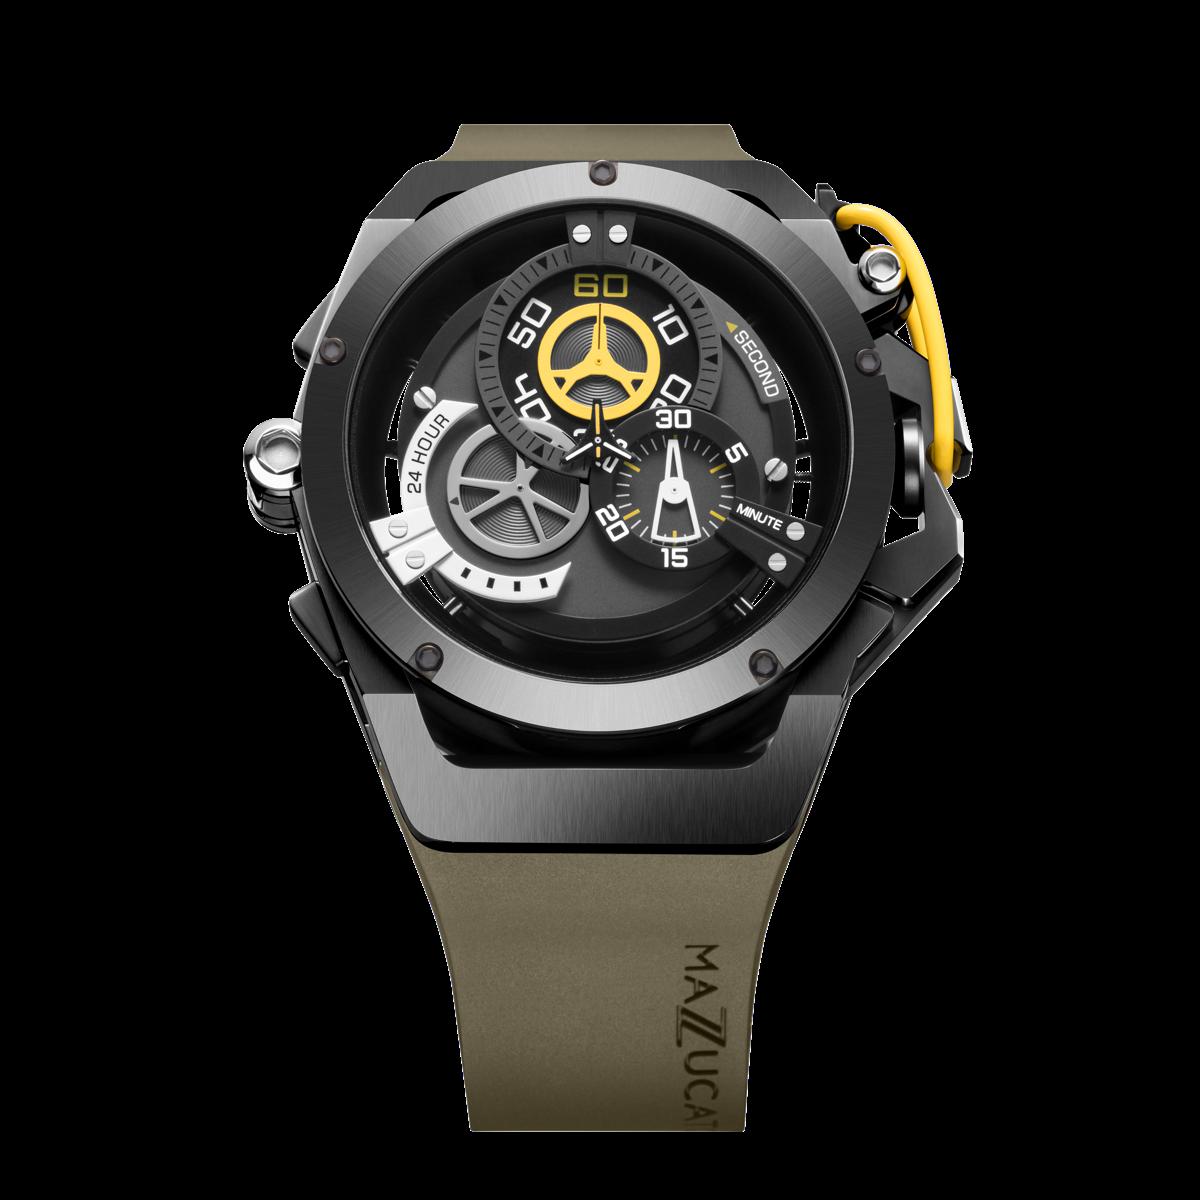 【MAZZUCATO マッツカート】RIM-04(カーキ×イエロー)/国内正規品 腕時計